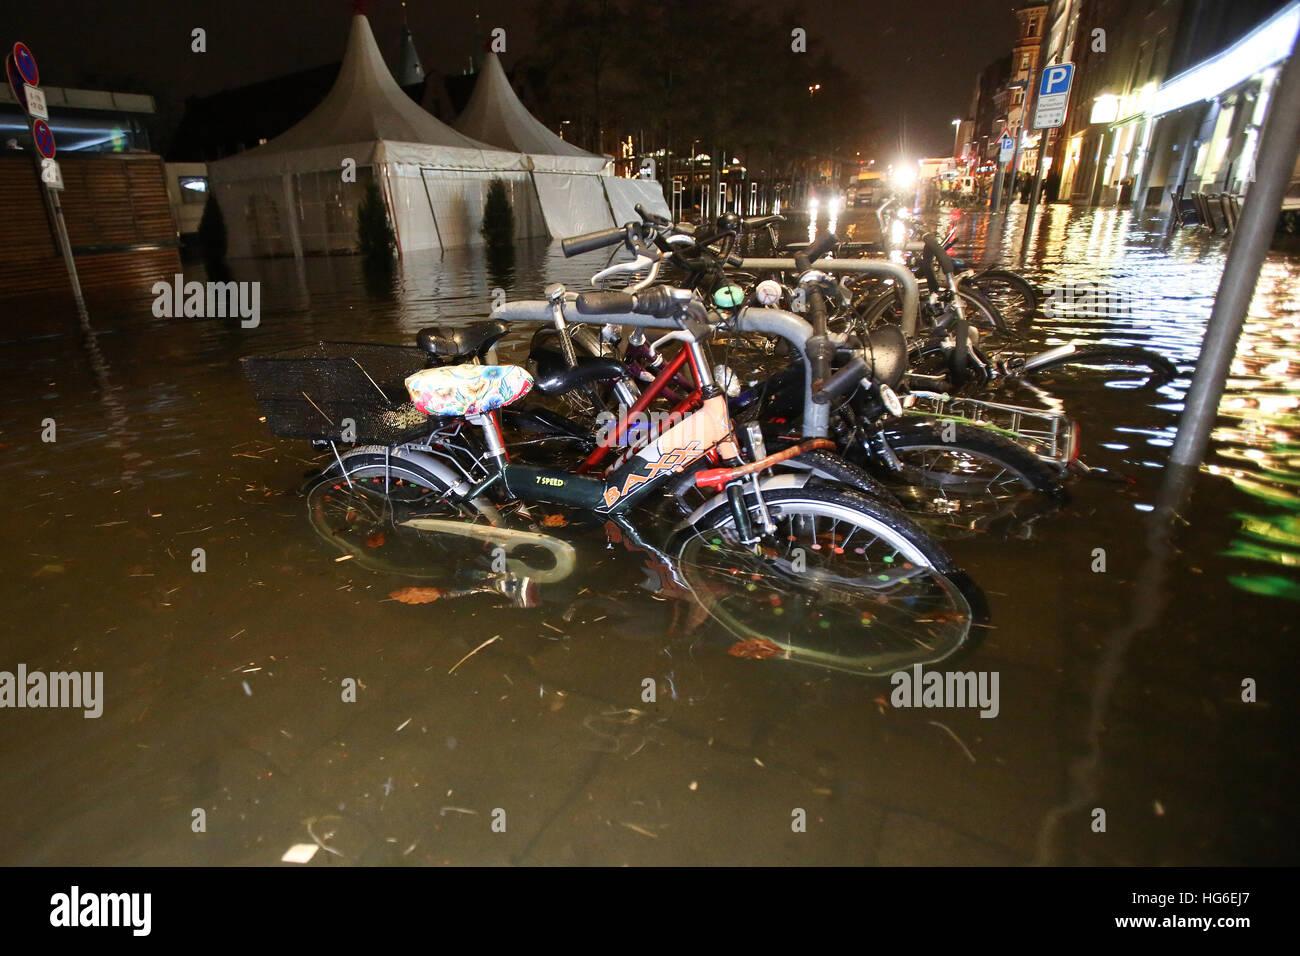 Lübeck, Deutschland. 4. Januar 2017. Fahrräder in einer überfluteten Straße in Lübeck, Stockbild